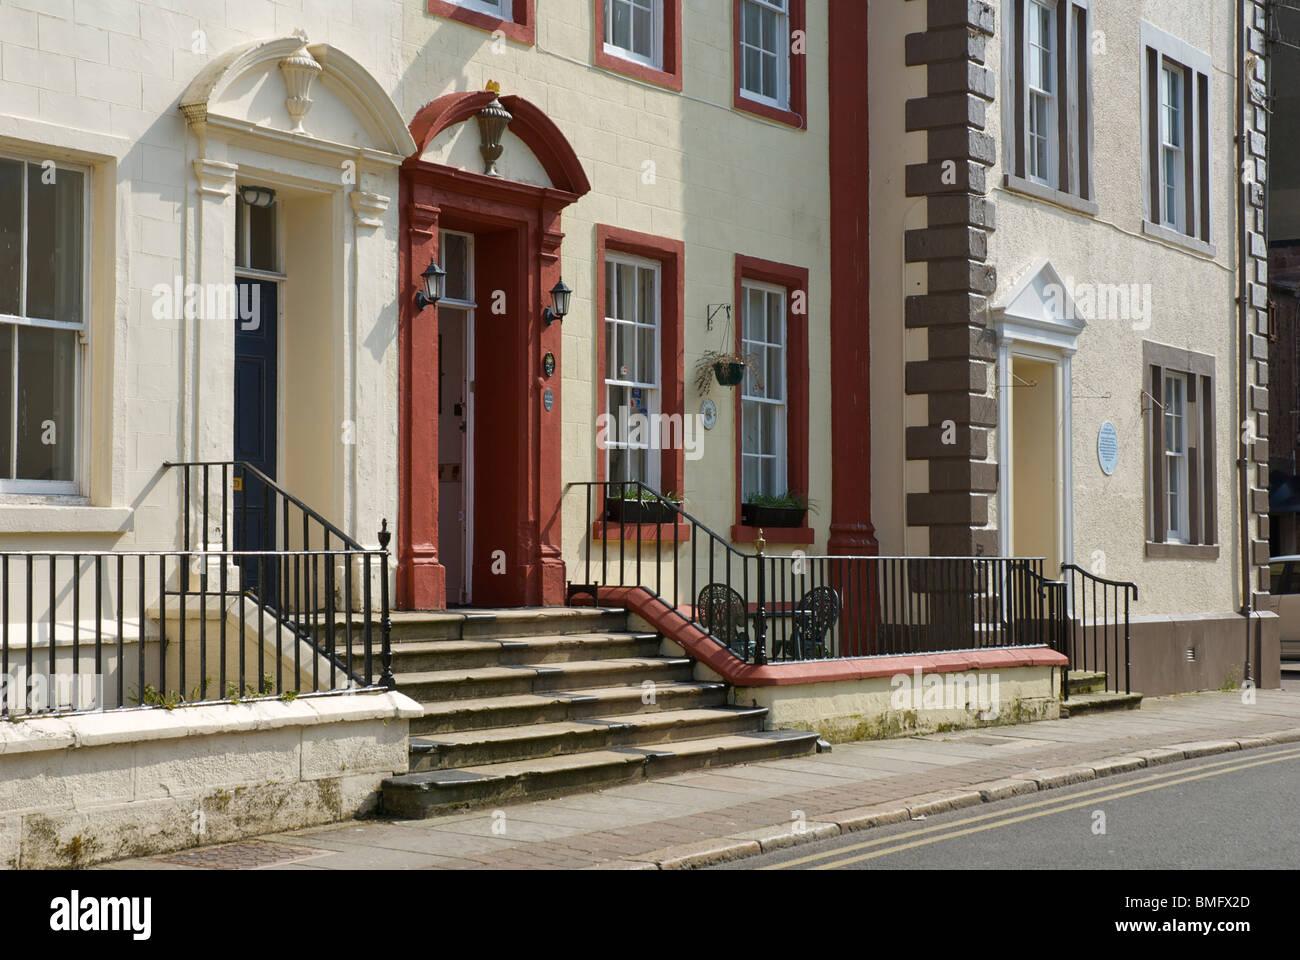 La arquitectura georgiana en Whitehaven, Cumbria, Inglaterra Imagen De Stock